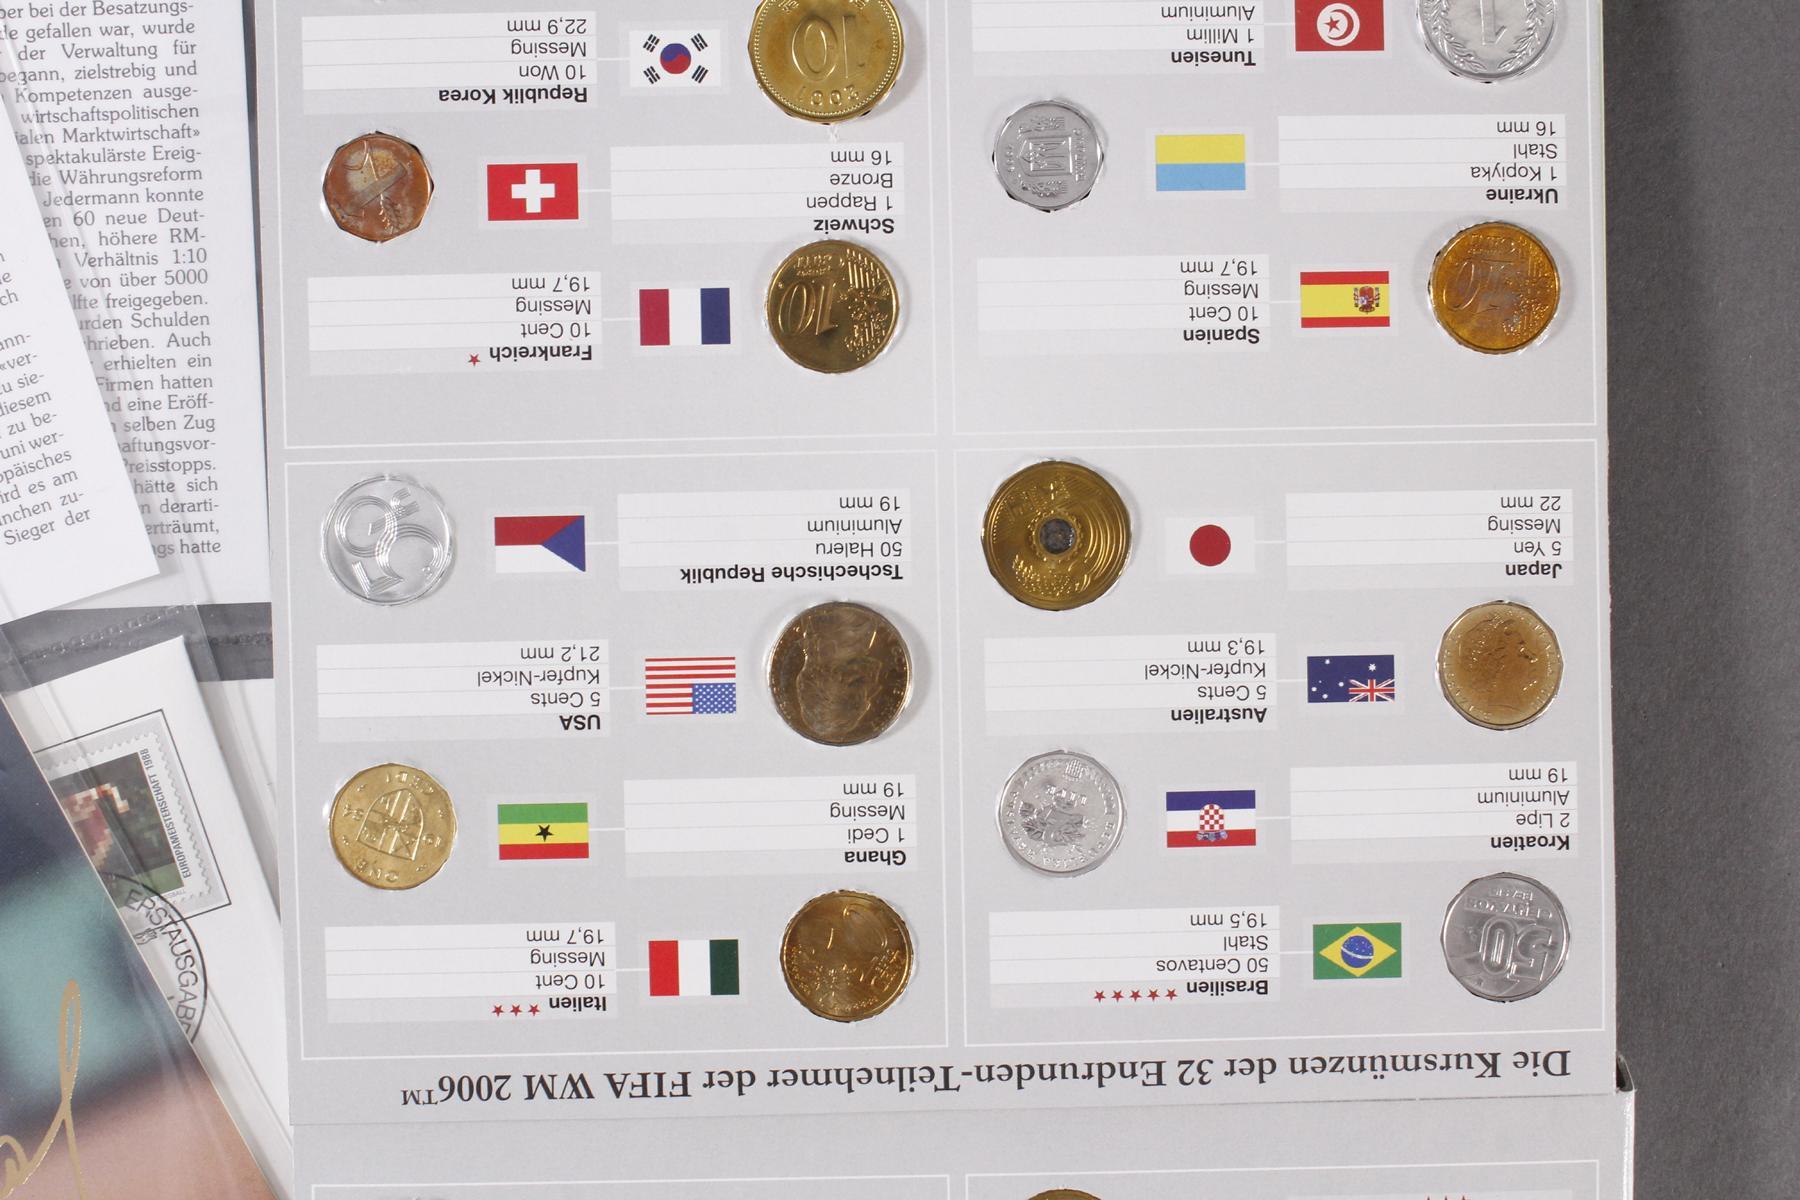 Sammlung Münzen und Medaillen.-2